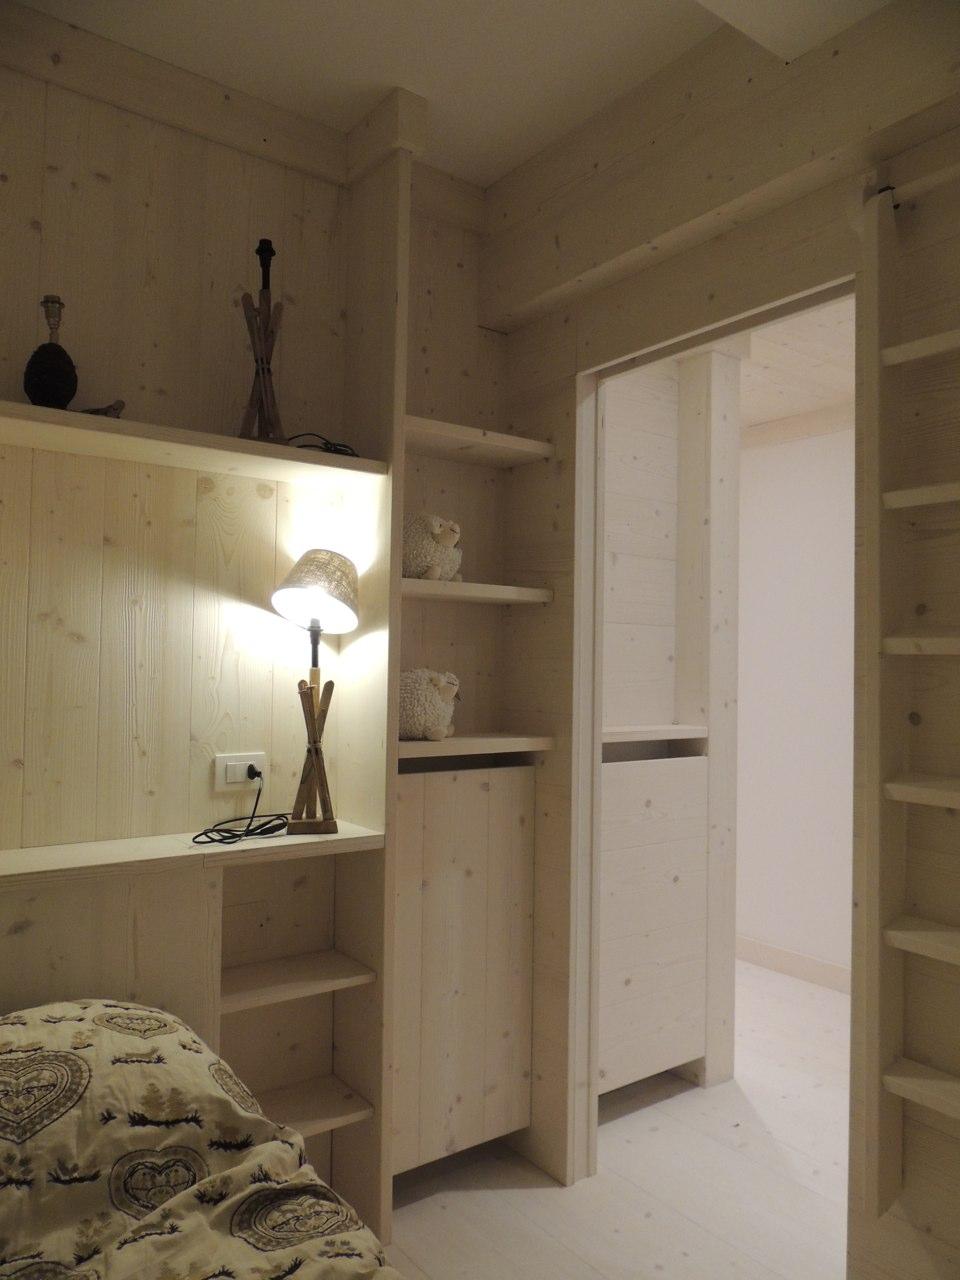 cameretta in legno chiaro su misura_falegnameria Bariza